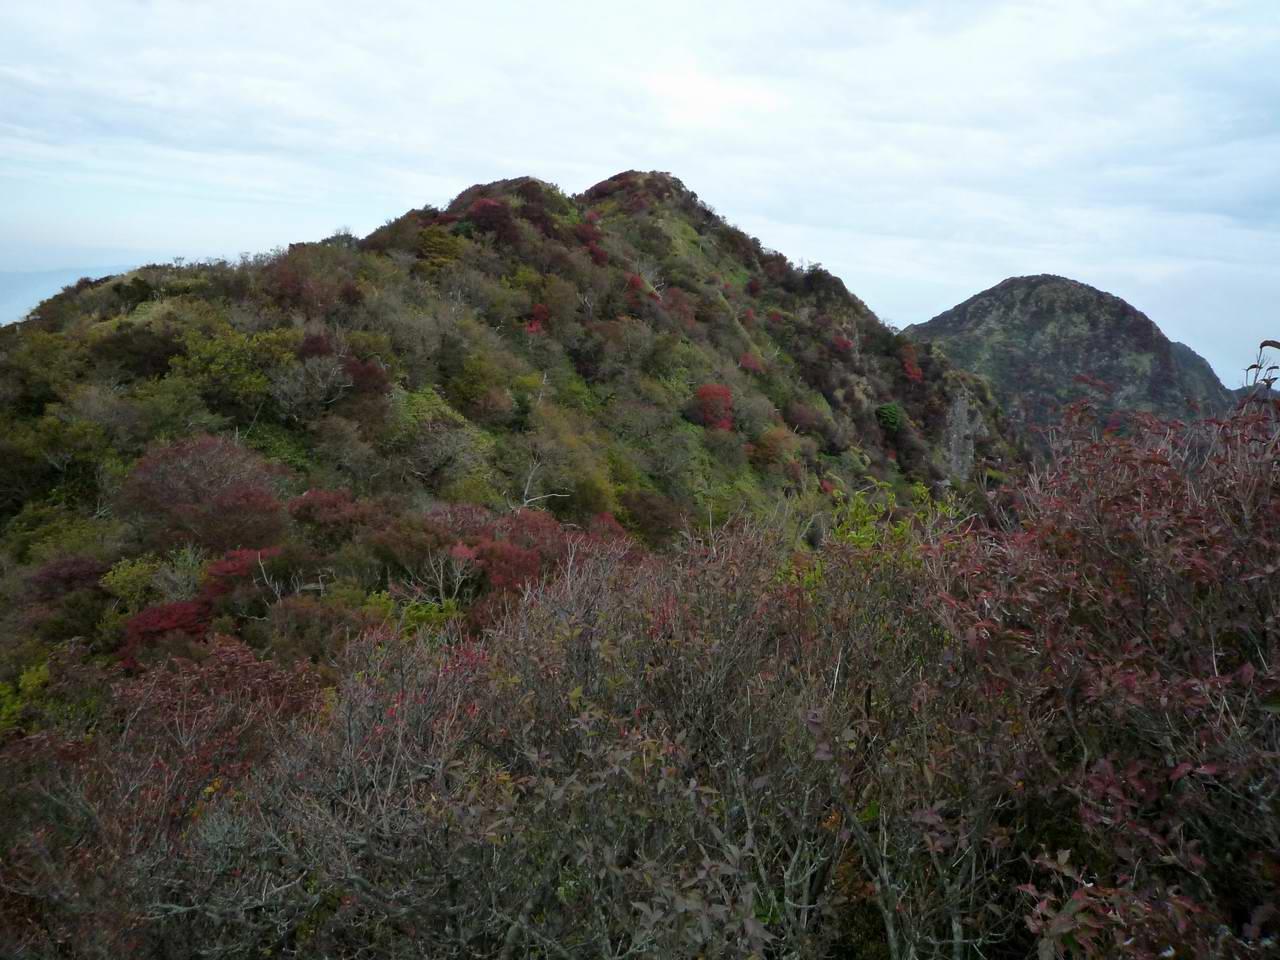 雲仙岳の画像 p1_36 雲仙岳 提供:長崎県観光連盟 雲仙岳 提供:長崎県観光連盟 紅葉の名所